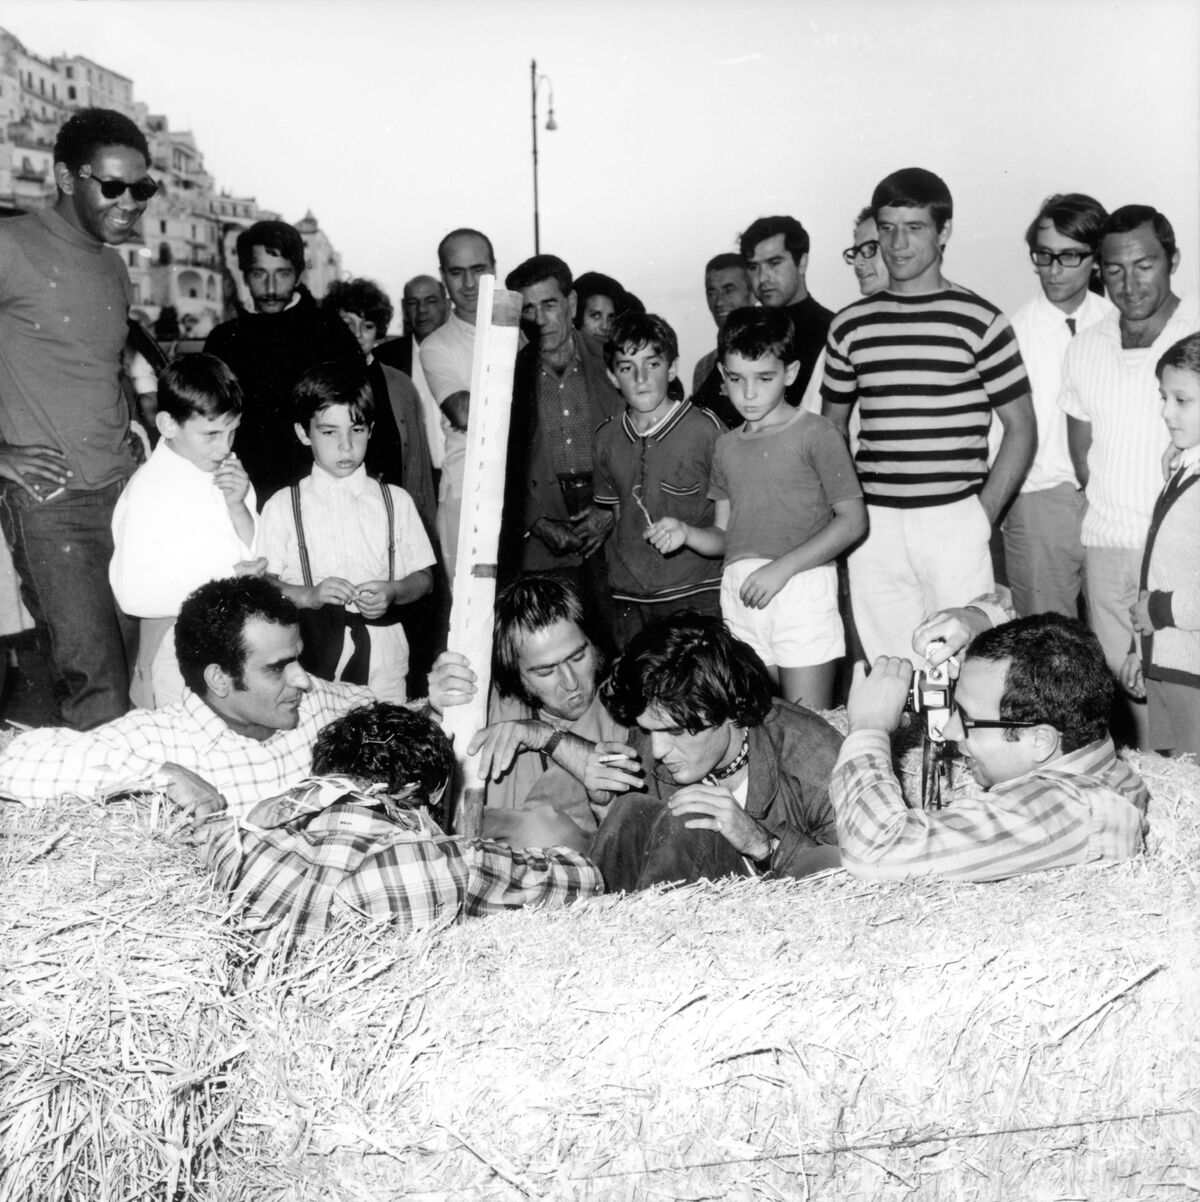 Michelangelo Pistoletto, Carlo Colnaghi, Carmine Ableo, and Gino Marotta gather inside Giardino all'italiana (Italian Garden),  at Arte Povera, 1968. Photo by Bruno Manconi. Courtesy of Archivo Lia Rumma.